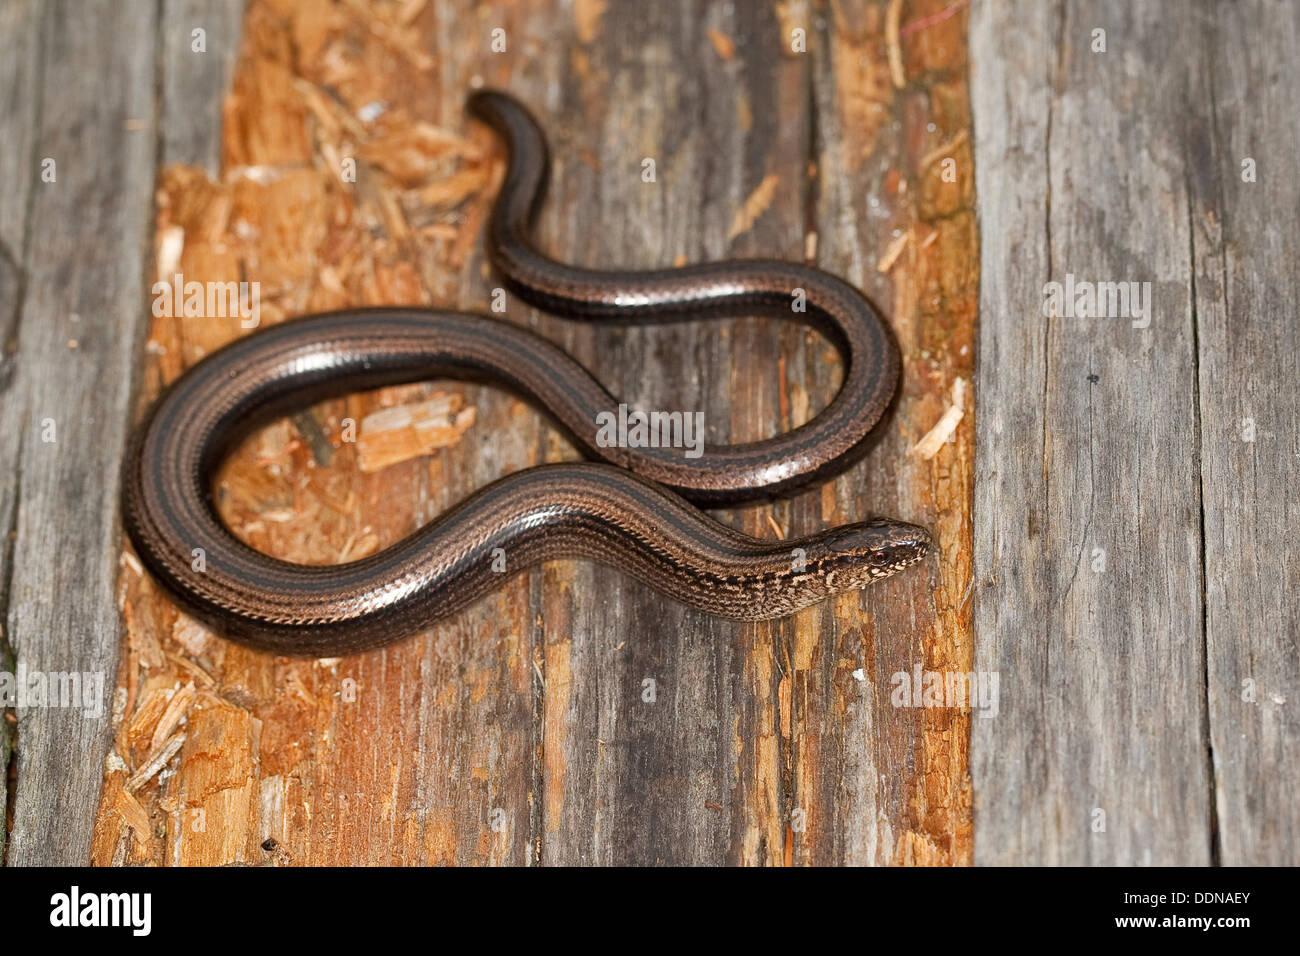 European slow worm, blindworm, Blindschleiche, Blind-Schleiche, Schleiche, Anguis fragilis Stock Photo